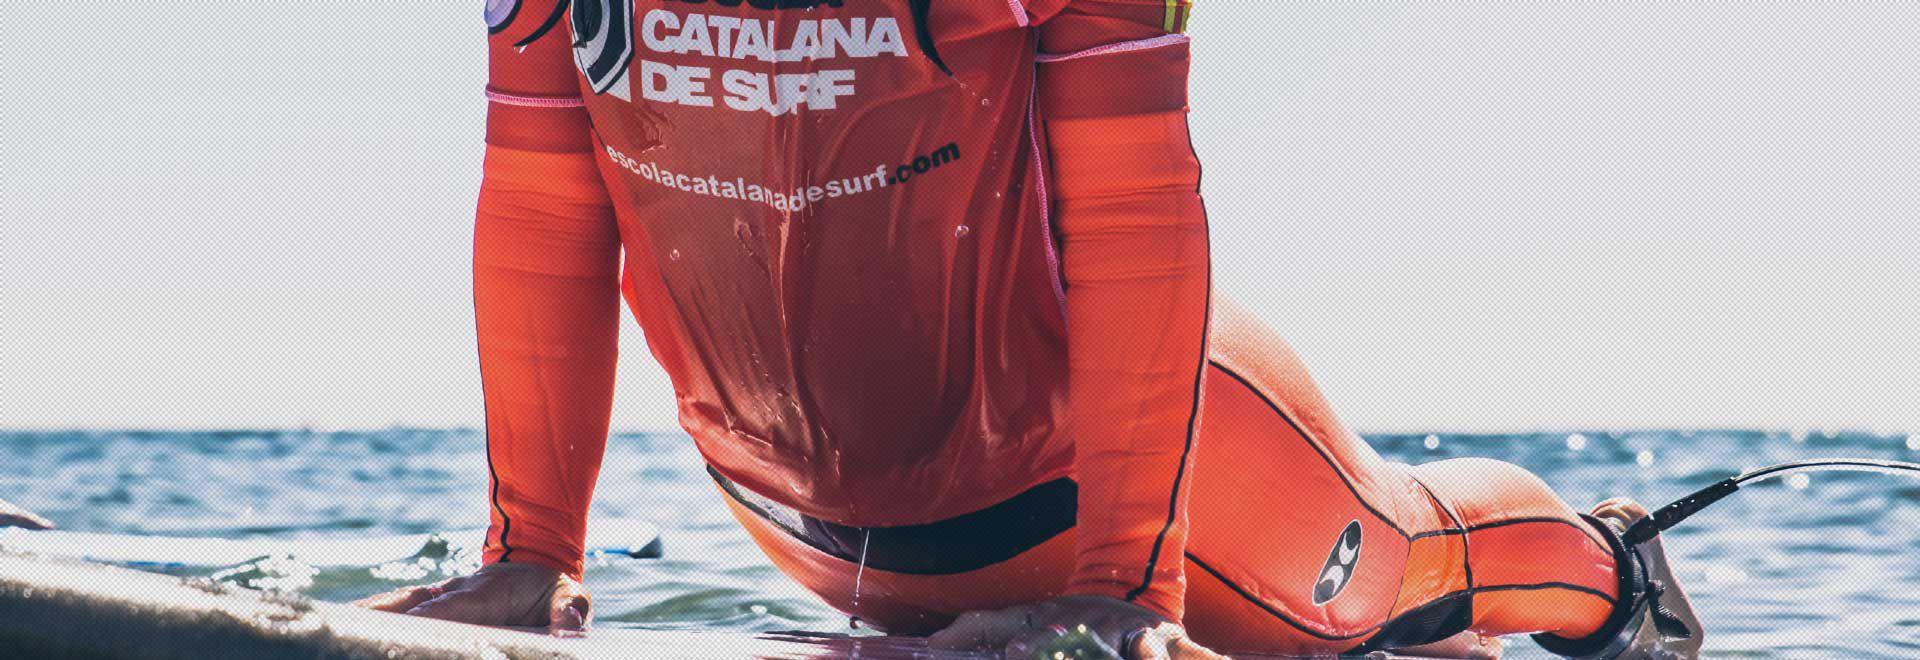 Curs mensual de surf per a adults a partir de 89€